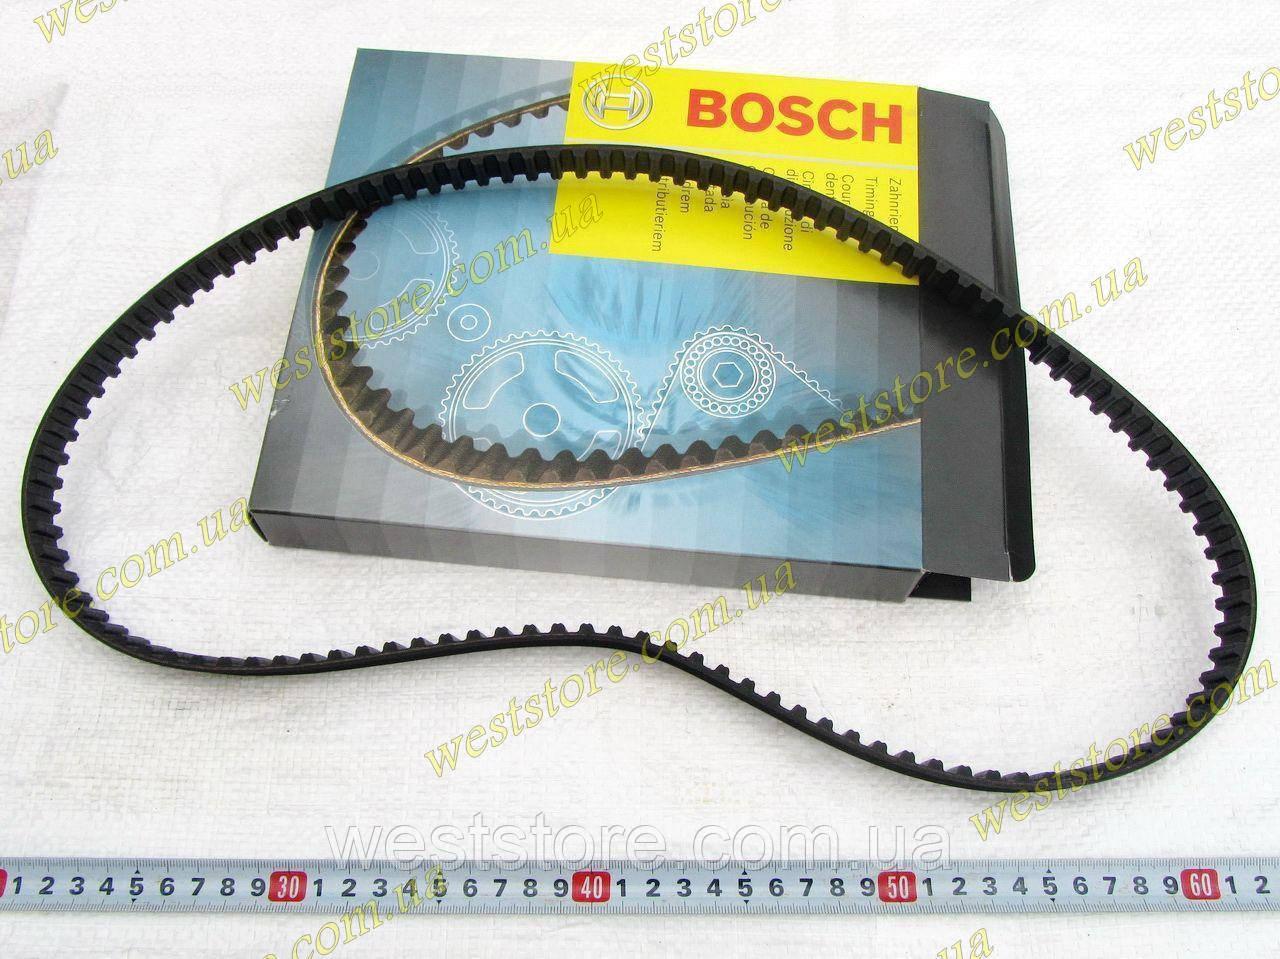 Ремень ГРМ Газораспределительный ВАЗ 2108, 2109, 21099, 1987949095, Bosch (Бош)